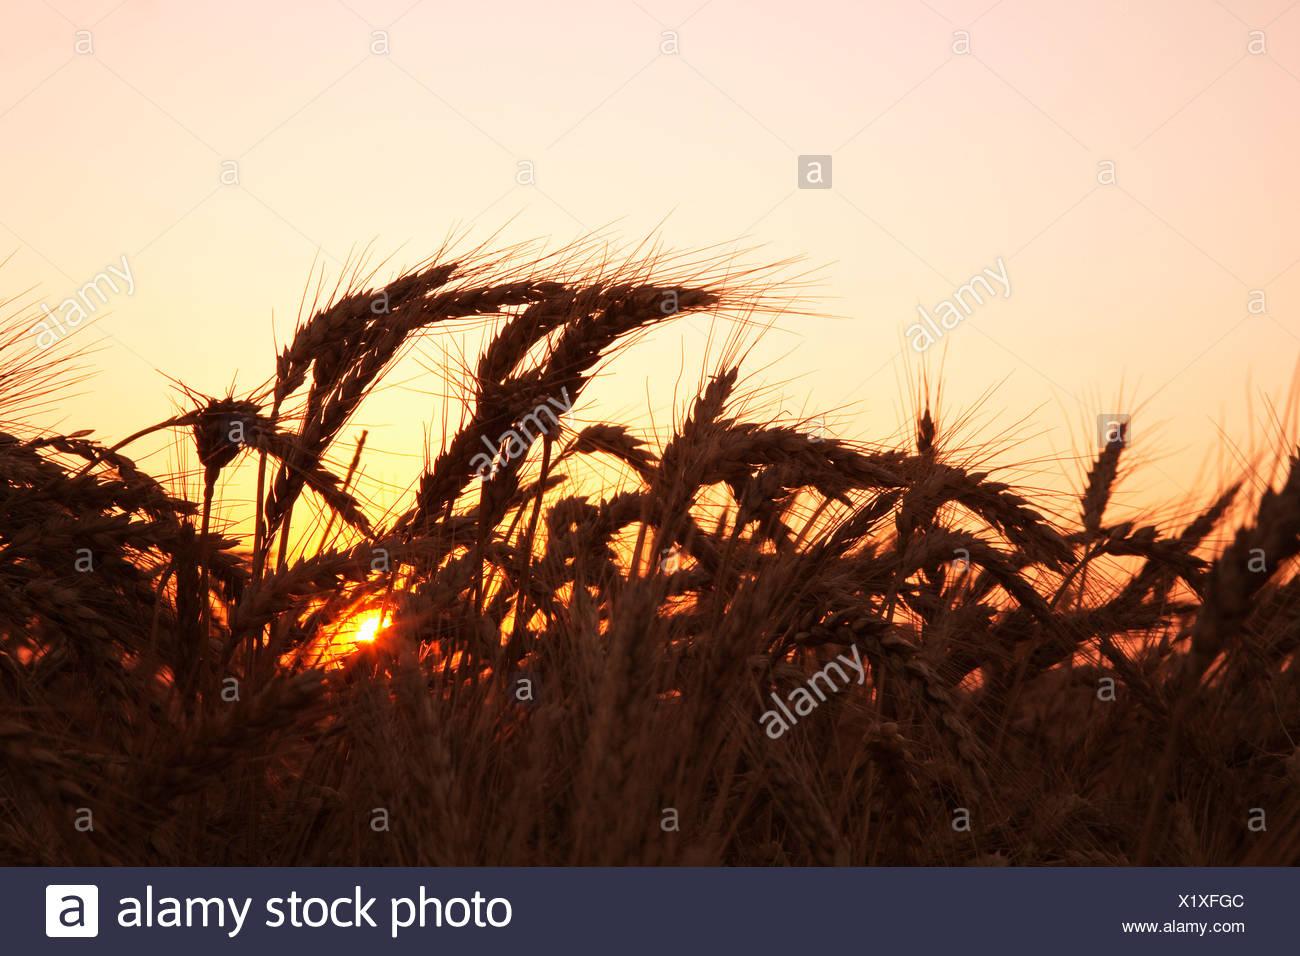 Agriculture - l'étape de la récolte à maturité du blé tendre rouge d'hiver à la fin du printemps au coucher du soleil / est de l'Arkansas, USA. Photo Stock